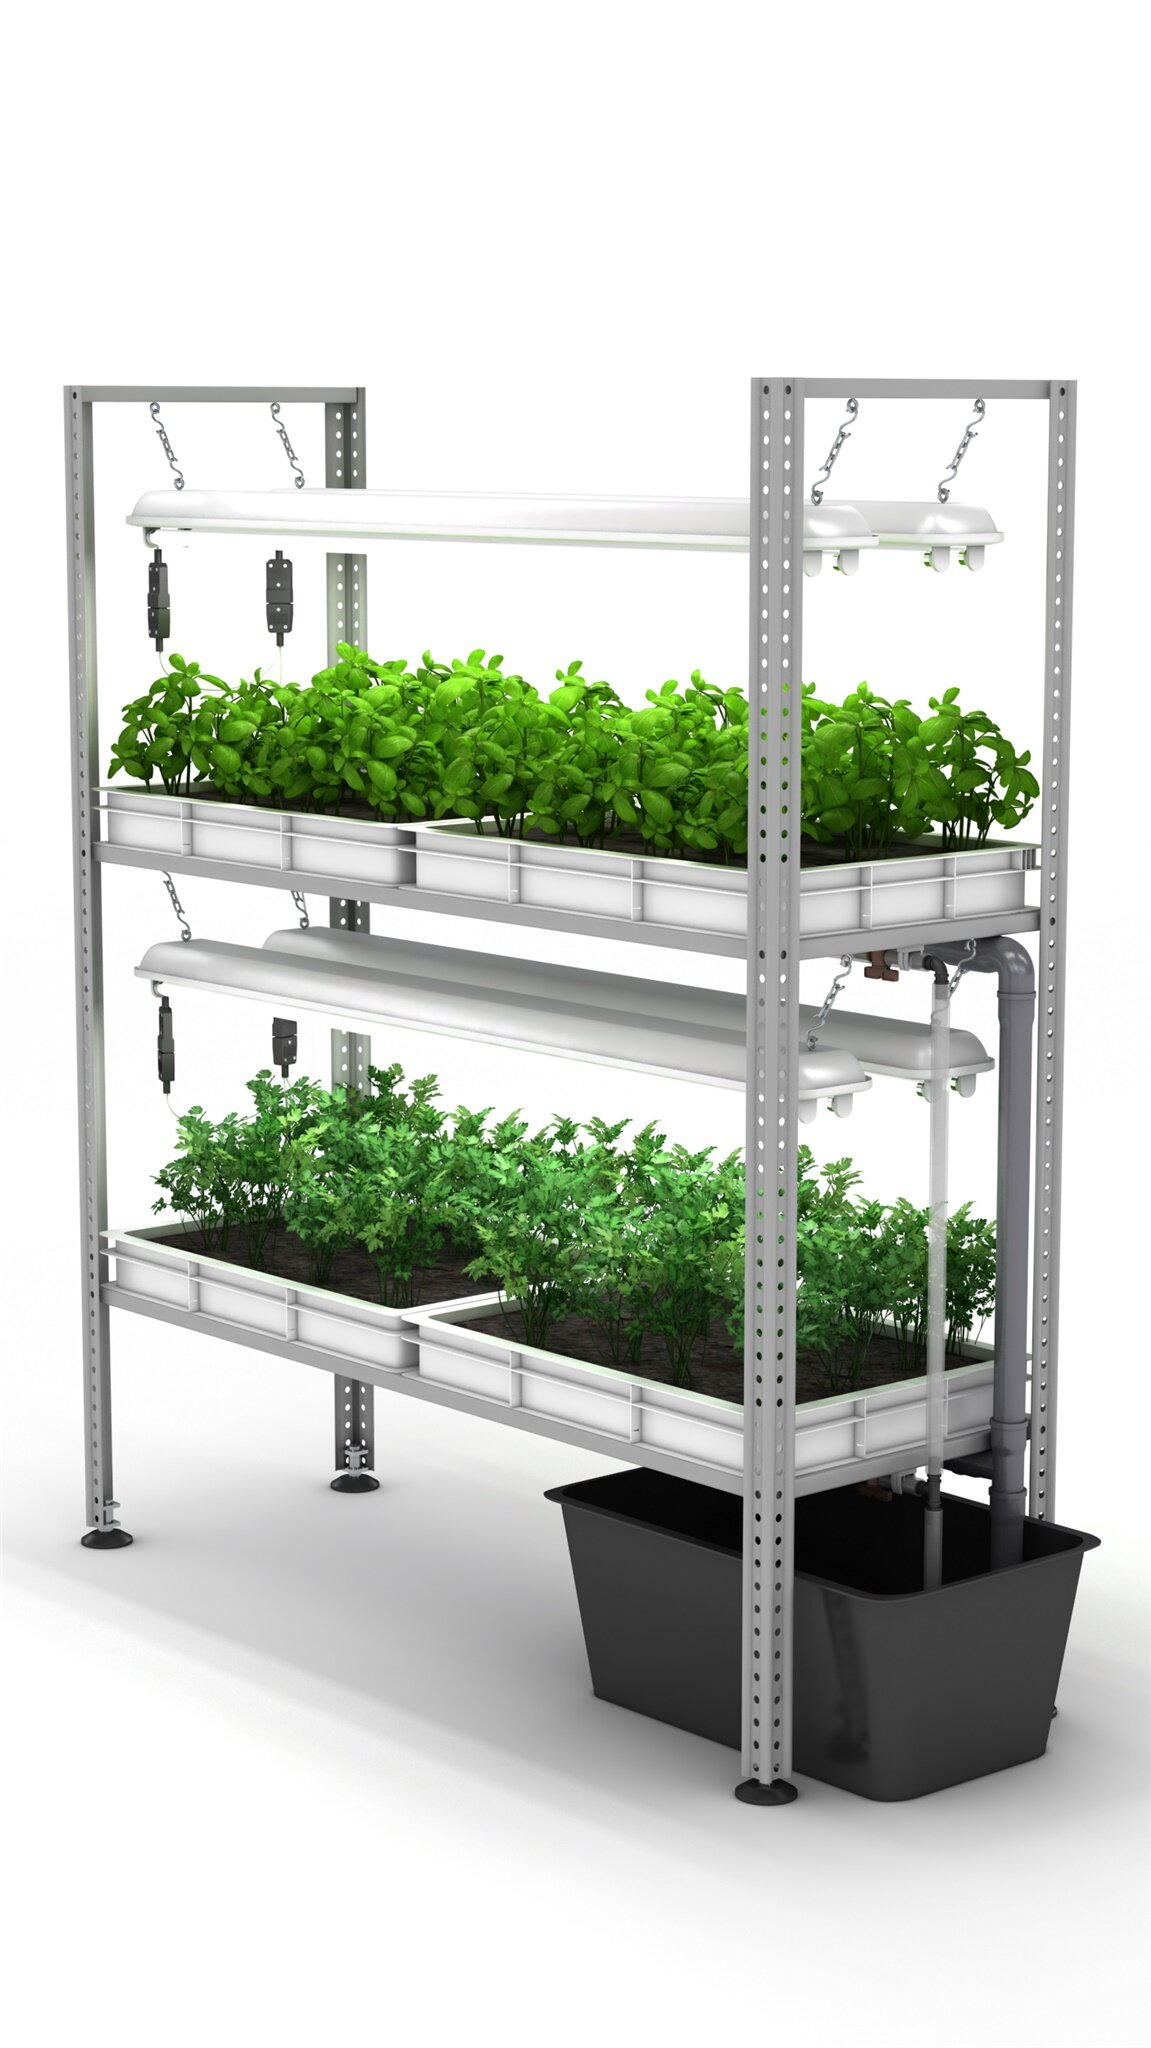 оборудование для выращивания зелени в домашних условиях